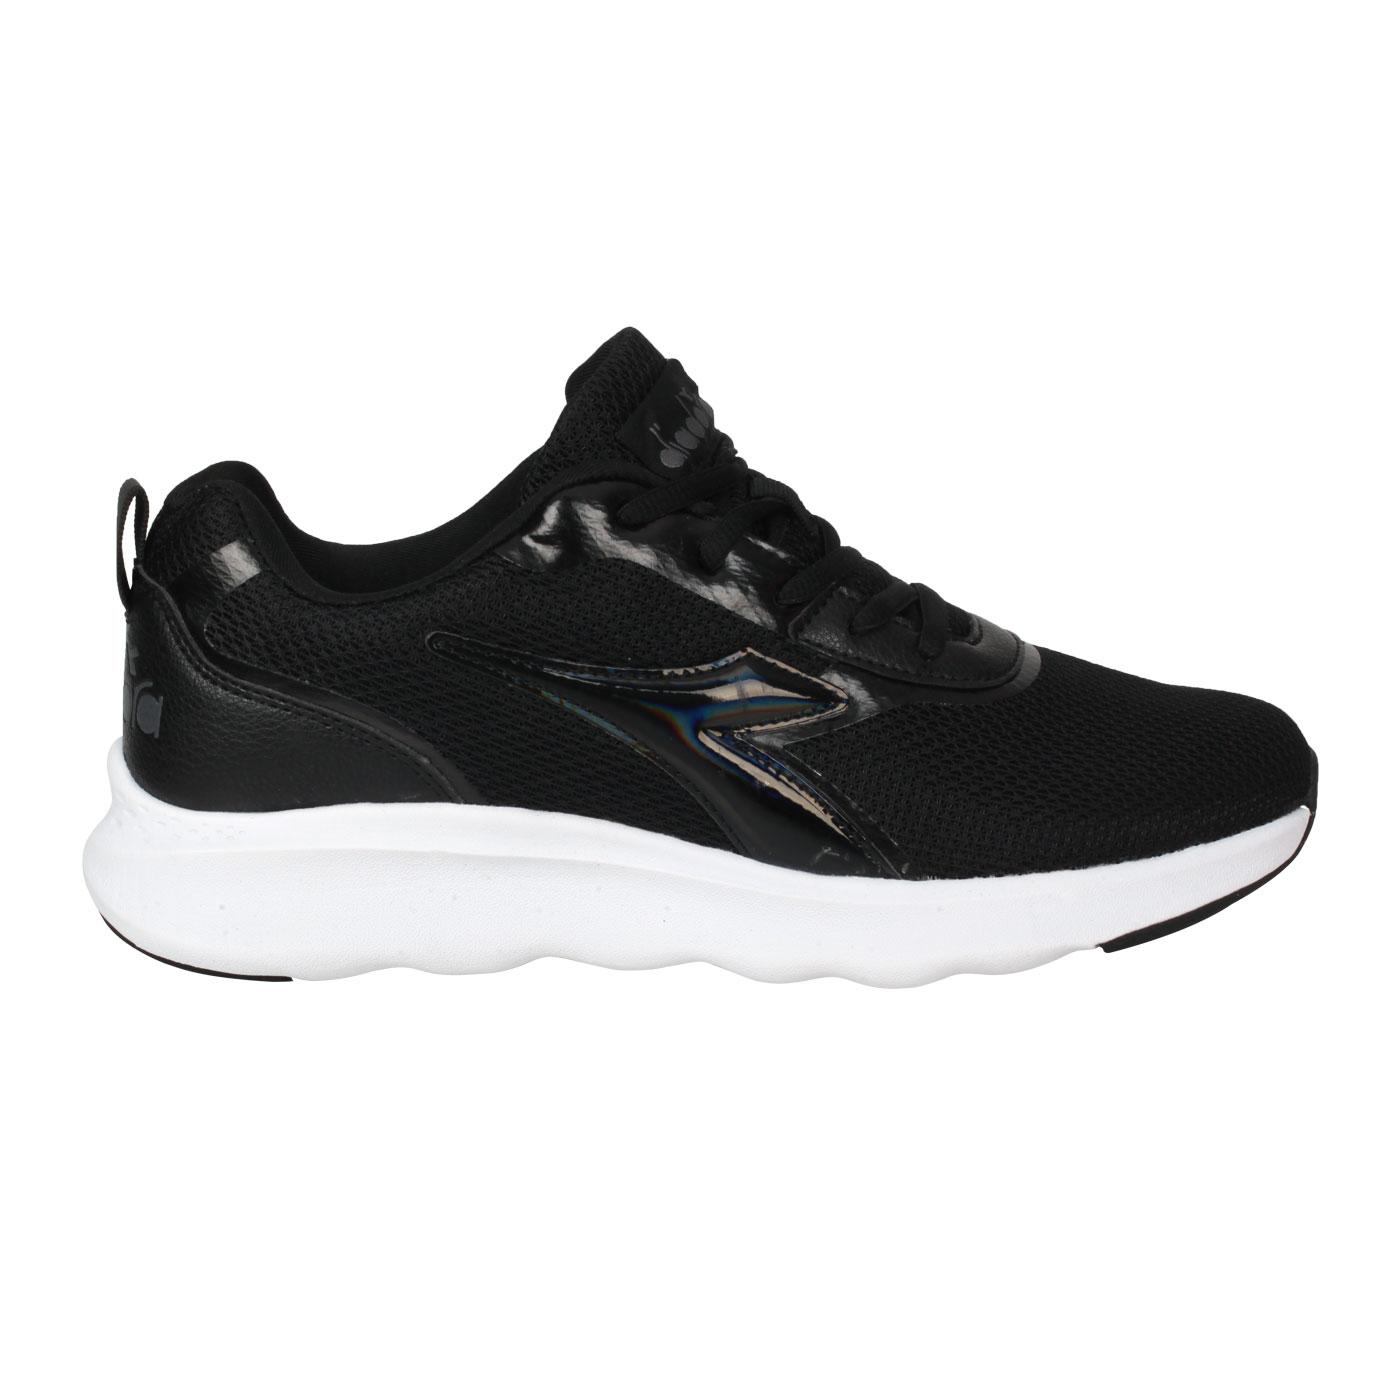 DIADORA 男段運動鞋 DA71185 - 黑